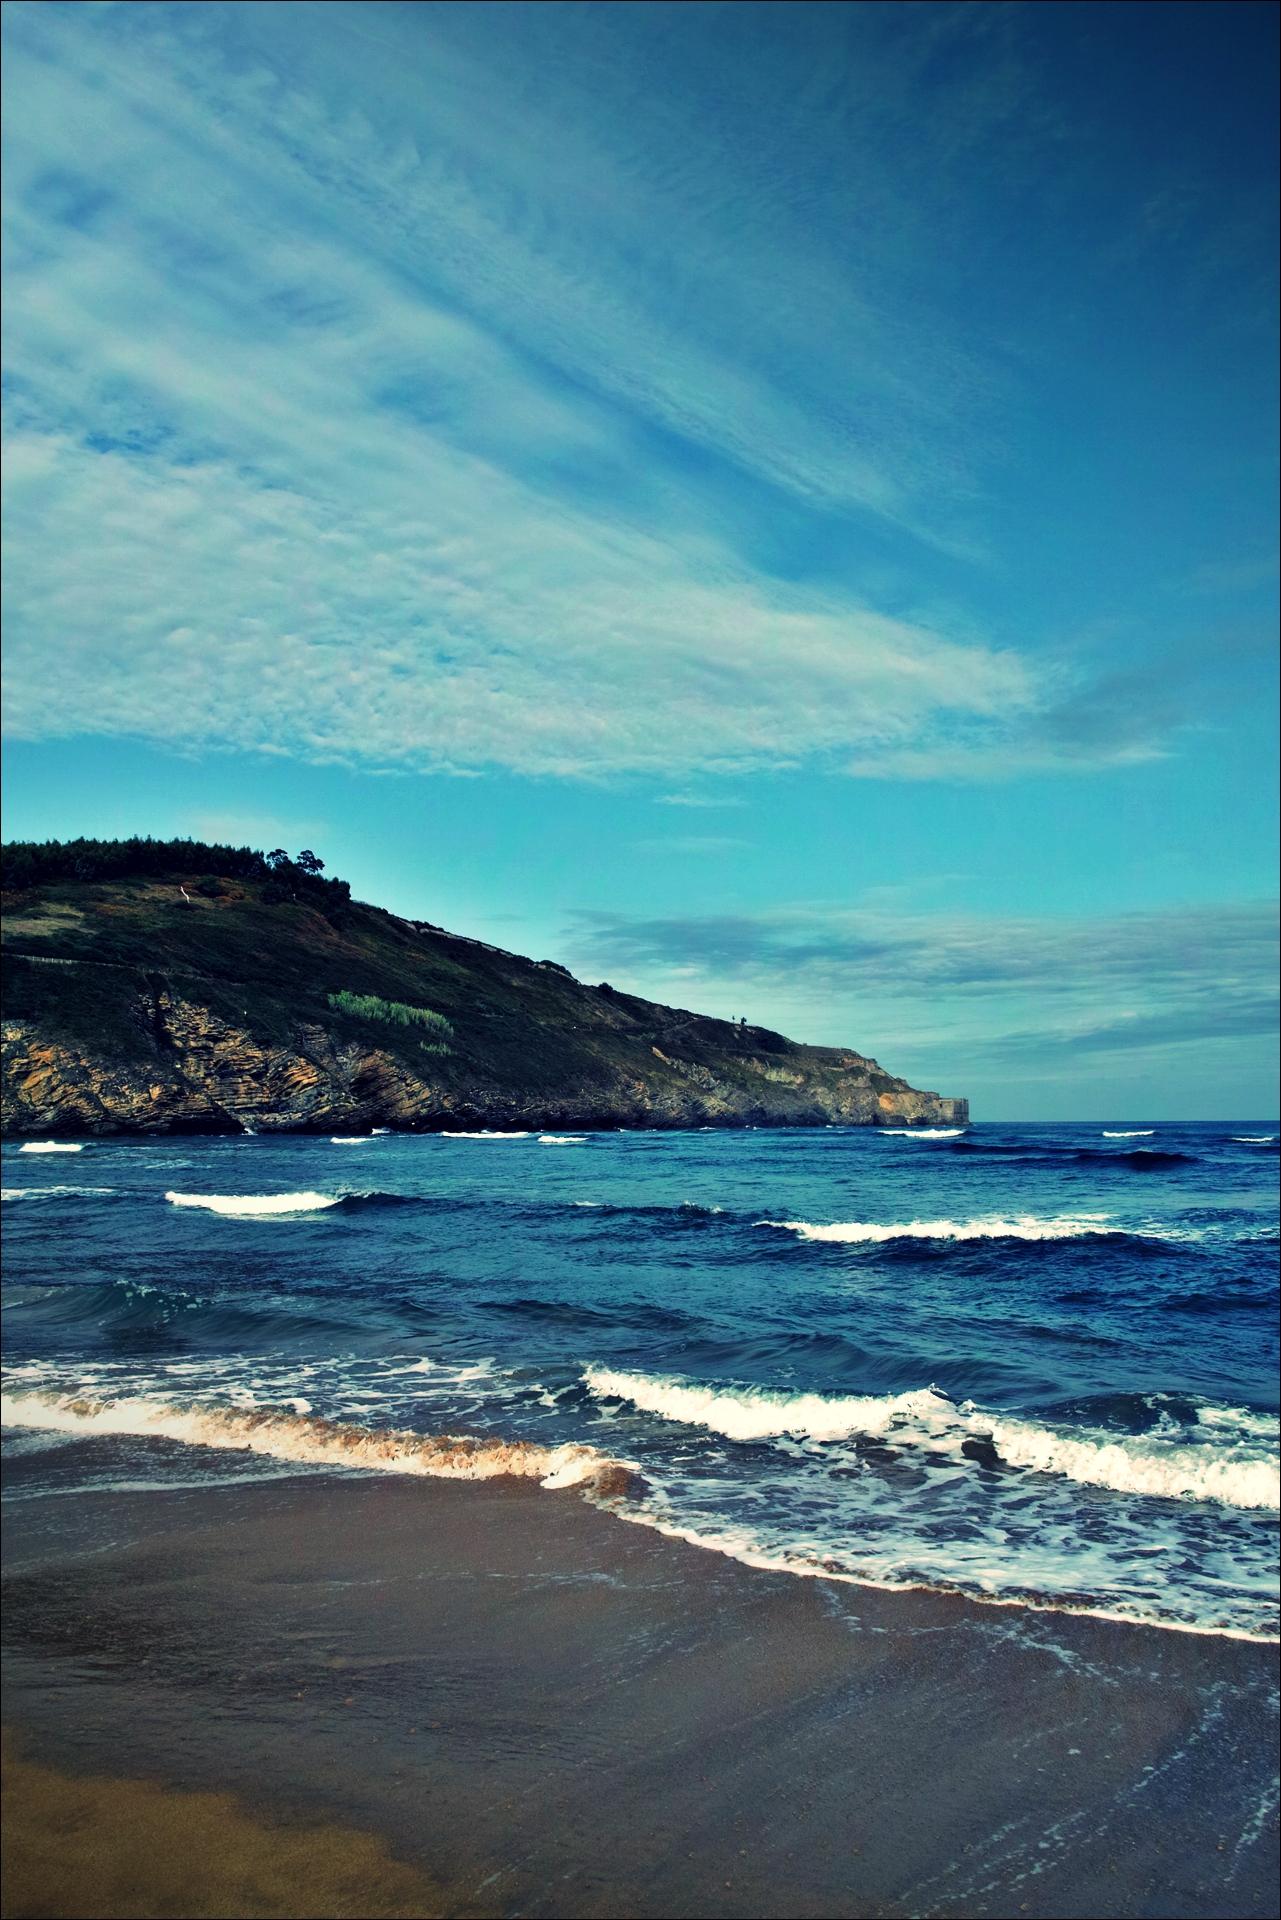 파도-'카미노 데 산티아고 북쪽길. 포르투갈레테에서 카스트로 우르디알레스. (Camino del Norte - Portugalete to Castro Urdiales) '